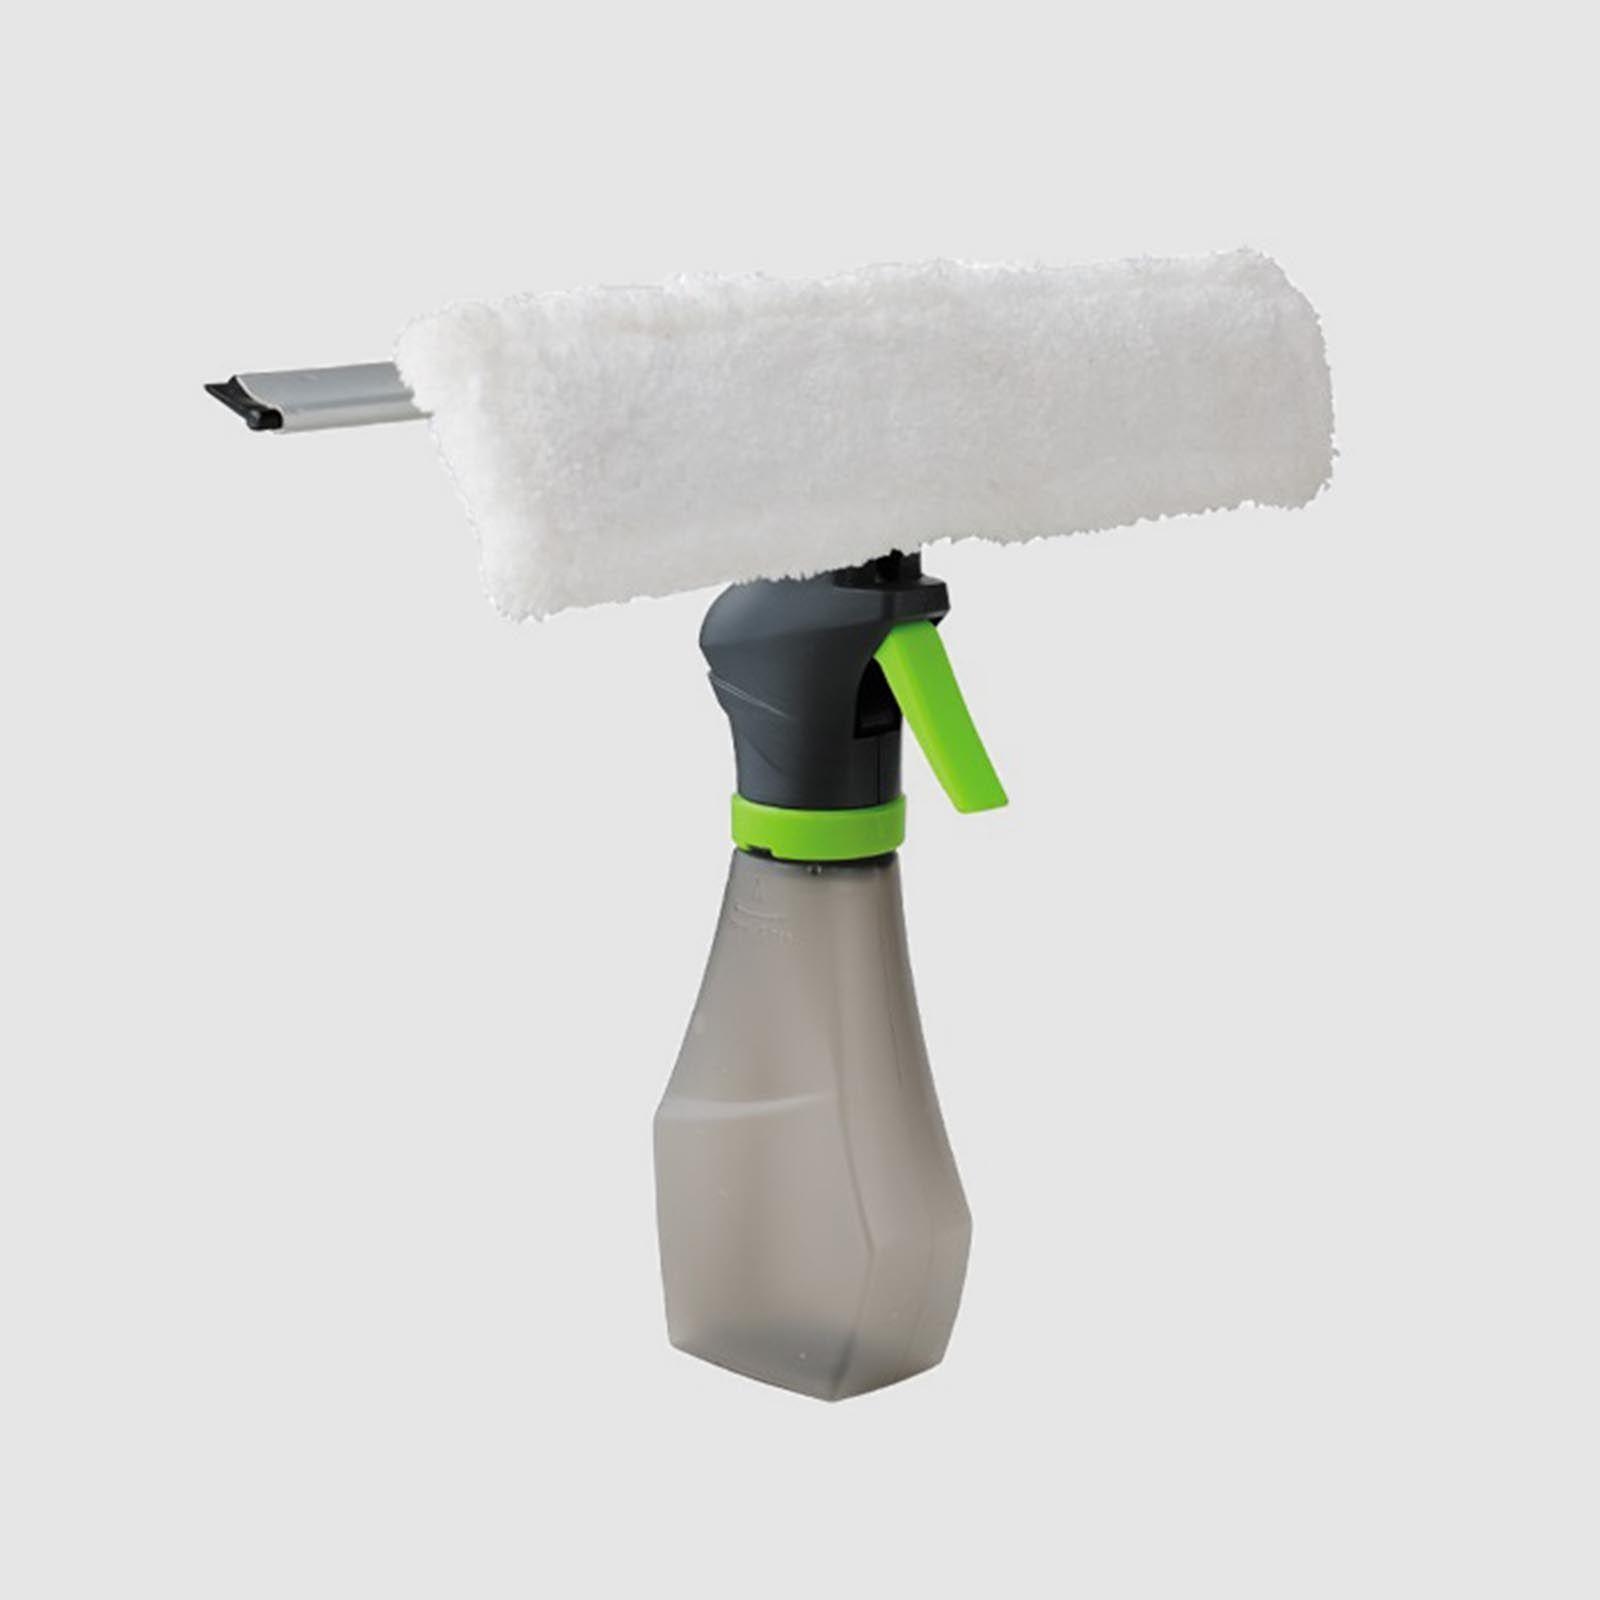 Щетка-водосгон для окон с распылителем Joyclean Water Spraying Window Cleaner (JNW-01)Магнитные щетки для мытья окон<br>Предстоящее мытье окон каждый раз заставляет вас нервничать и чувствовать себя несчастной? Вас раздражают мутные разводы на стекле после мытья? Хотите найти способ быстрого и качественного мытья окон?<br>Мы готовы предложить вам прекрасное решение всех этих проблем – вам нужно только взять щетку-водосгон Joyclean Water Spraying Window Cleaner, а все остальное она сделает сама.<br>Эта щетка превратить мытье окон в быстрое, легкое и приятное занятие.<br><br><br> <br><br><br>Особенности щетки-водосгона<br><br> Мытье окон для большинства хозяек сродни самому страшному кошмару, который может растянуться на целый день. Все эти тазики с мыльным раствором, бесконечные тряпки и приспособления не дают ожидаемого эффекта – на стекле остаются предательские разводы, оттирать которые приходится потом очень долго.<br>В результате вы полностью обессилены и настроение на нуле.<br>К счастью, у нас есть решение – недорогая щетка-водосгон для окон с распылителем перевернет ваше представление о мойке окон.<br><br> Ее основная особенность в том, что в одном приборе фактически сочетаются целых три приспособления – пульверизатор, водосгон и насадка из микрофибры, заменяющая тряпки.<br>Если остановиться на конструкции Super Spray Cleaner более подробно, то вы увидите, что щетка имеет встроенный резервуар, в который можно налить воду или специальное моющее средство для стекол, с пульверизатором. Такое сочетание позволяет не отвлекаться на смачивание тряпки в тазике и ее постоянное отмывание от уличной грязи. Всего несколько распылений и поверхность надежно увлажнена.<br><br>Насадка из микрофибры позволяет быстро и эффективно смыть грязь с поверхности стекла, не царапая его. Это процесс схож с тем, как с помощью швабры вы моете пол. Только этот процесс происходит вертикально.<br><br><br> <br><br><br> Наличие встроенного водосгона в этой конструкции позволяет быстро удалить о